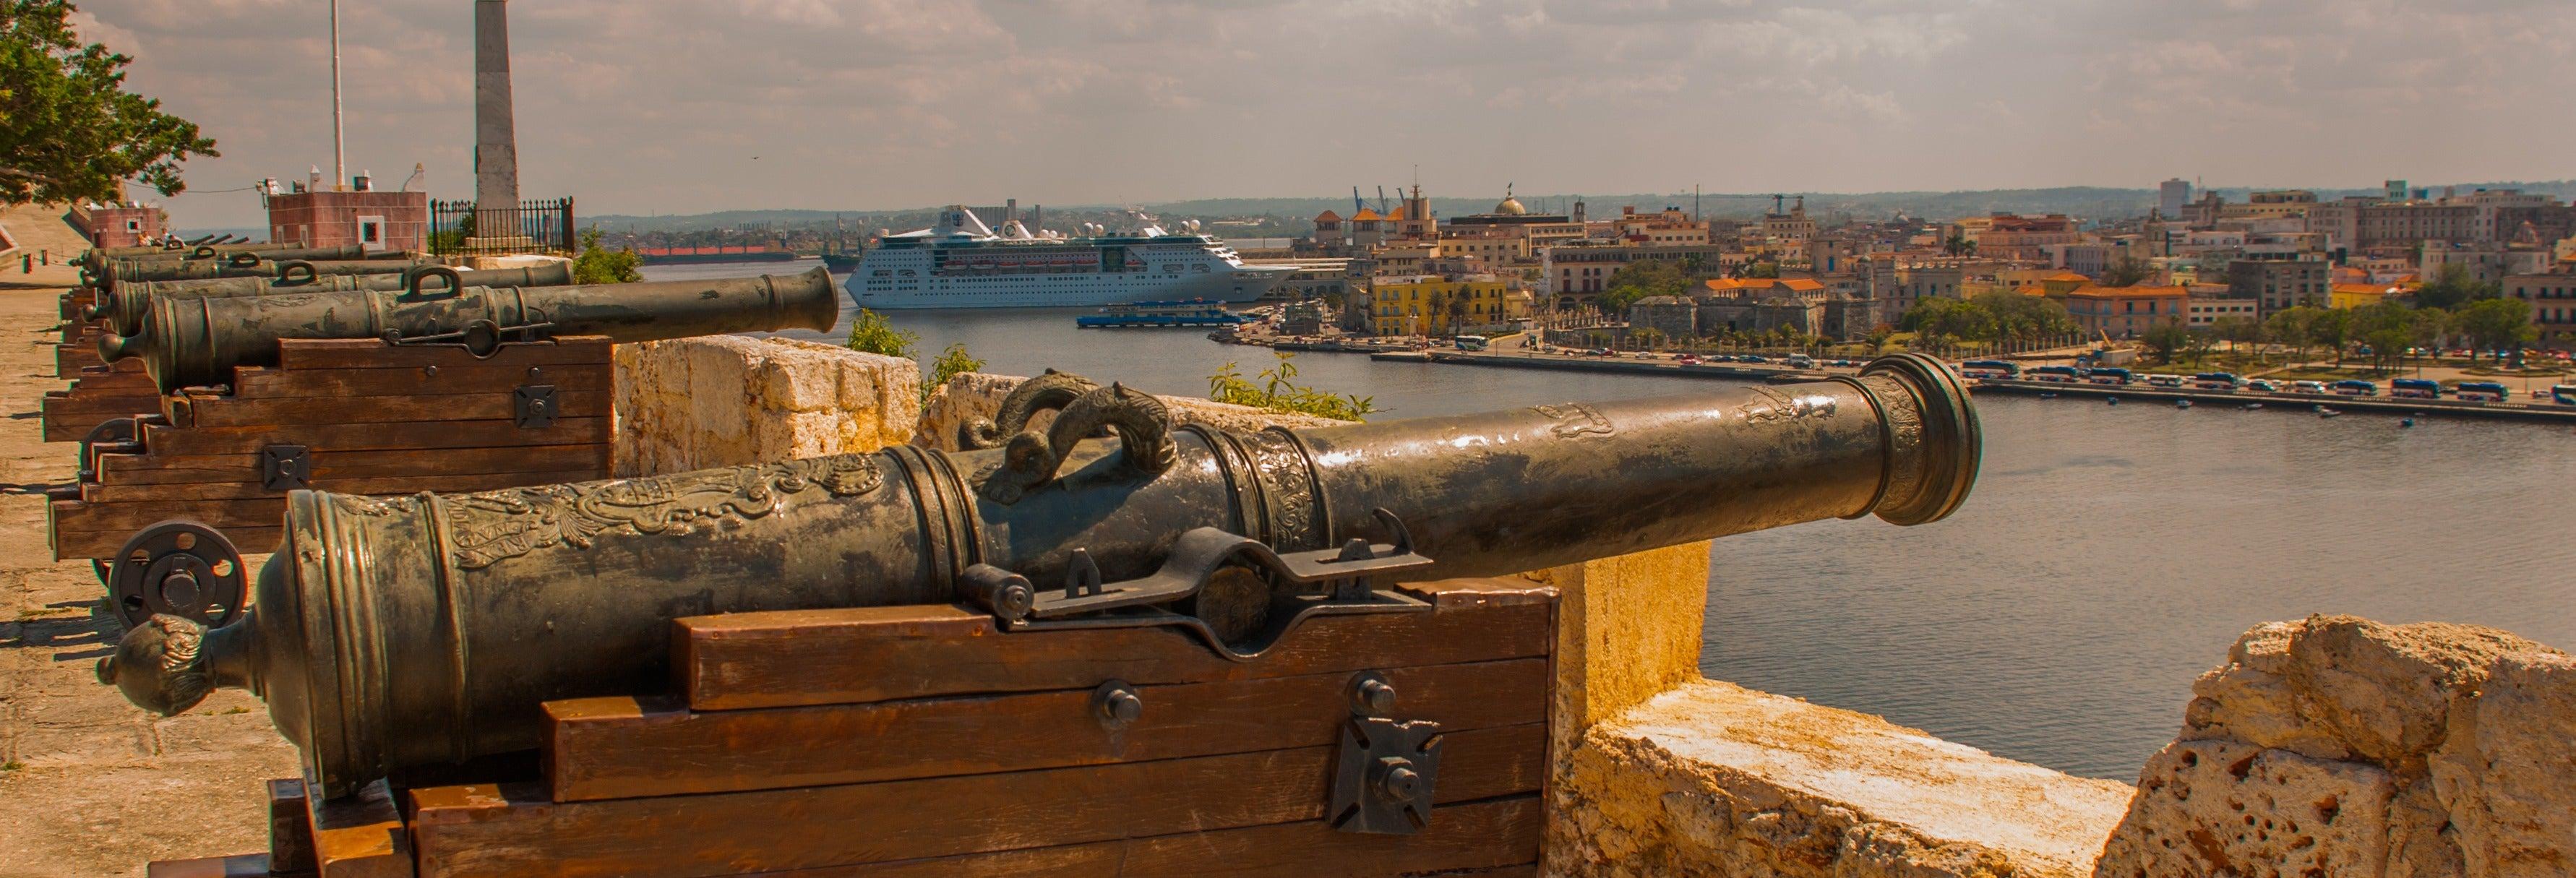 Tour por La Habana Vieja, ceremonia del cañonazo y cena cubana